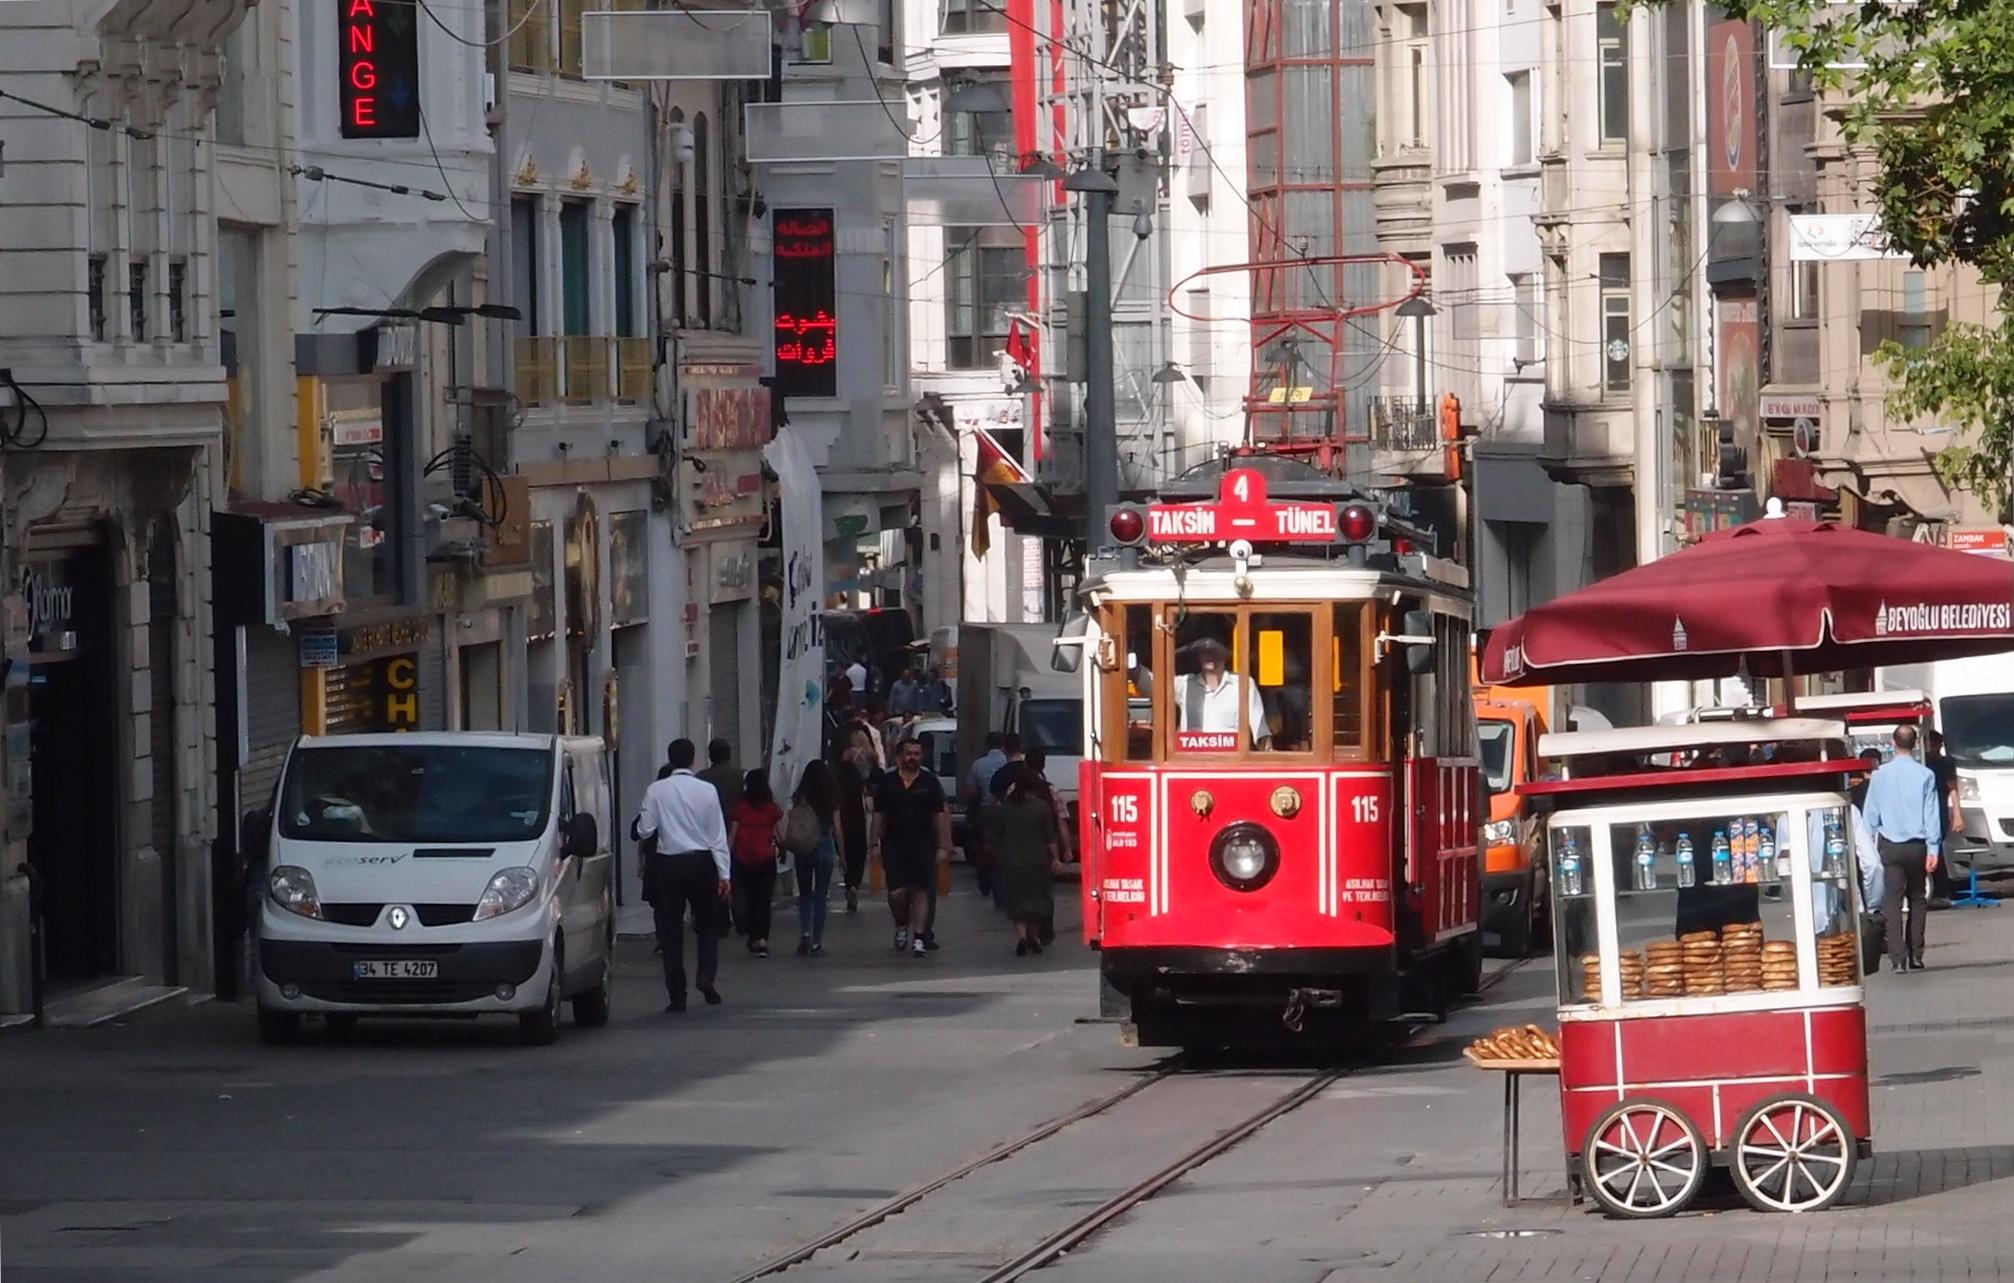 Tramvaj linky T2 se ulicí Istiklai blíží k zastávce Taksim.